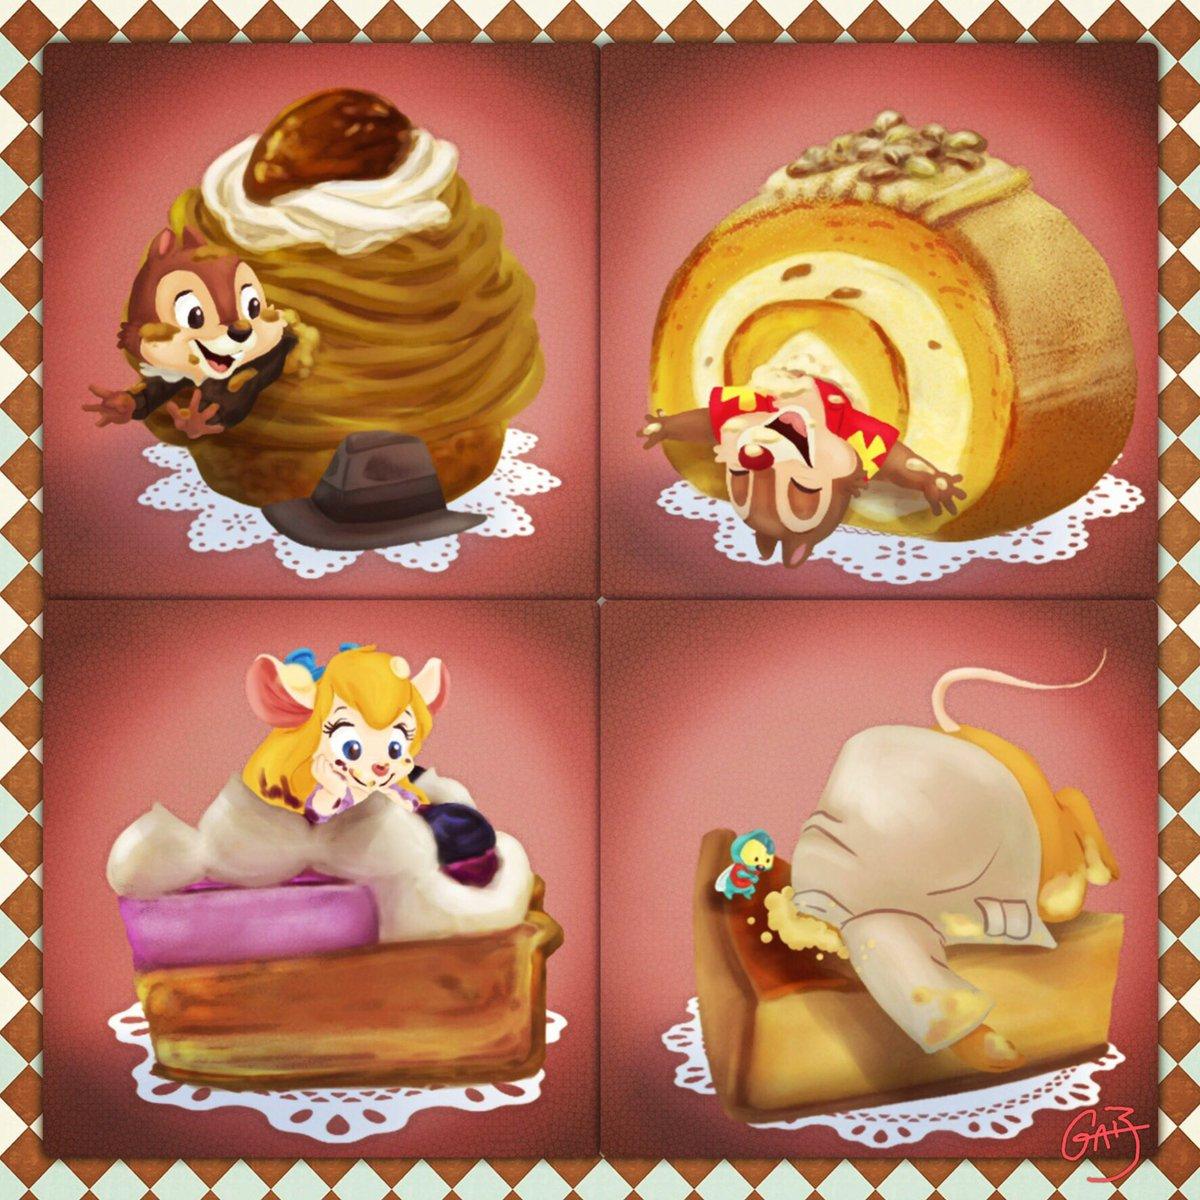 ガガガ No Twitter ヘッダーにしてたヤツら 自分への誕生日ケーキのつもりだった ありがとね笑 B V B Fanart Rescuerangers チップとデール ガジェット モンタリー ジッパー チップとデールの大作戦